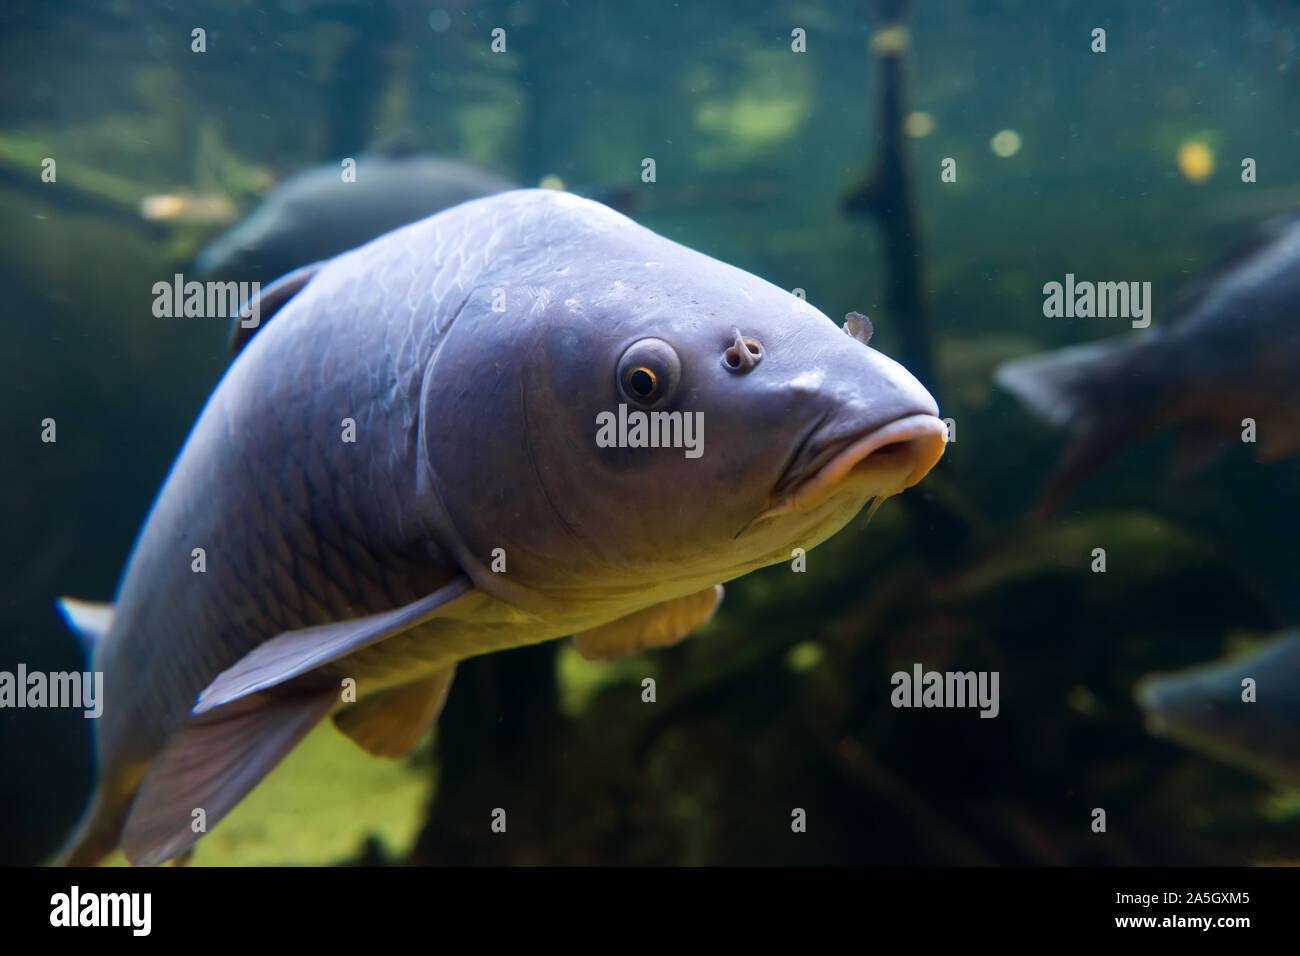 Los peces de agua dulce la carpa (Cyprinus carpio) en el estanque. Filmación subacuática en el lago. Animales de vida silvestre. Foto de stock